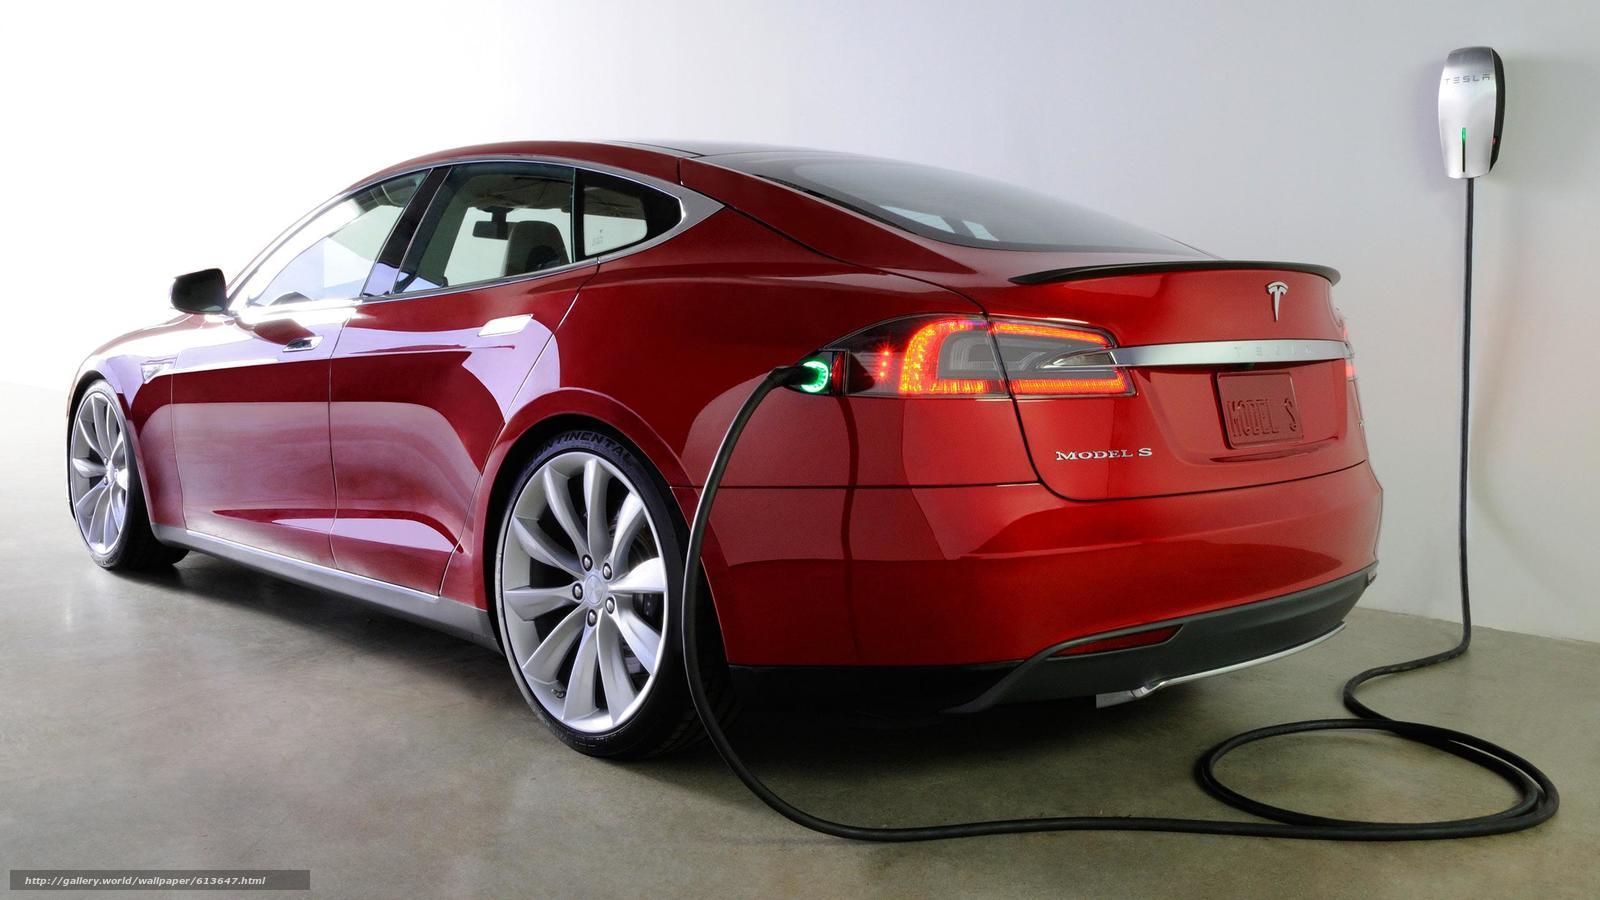 Скачать обои Электромобиль,  красный,  машина,  технологии бесплатно для рабочего стола в разрешении 2560x1440 — картинка №613647